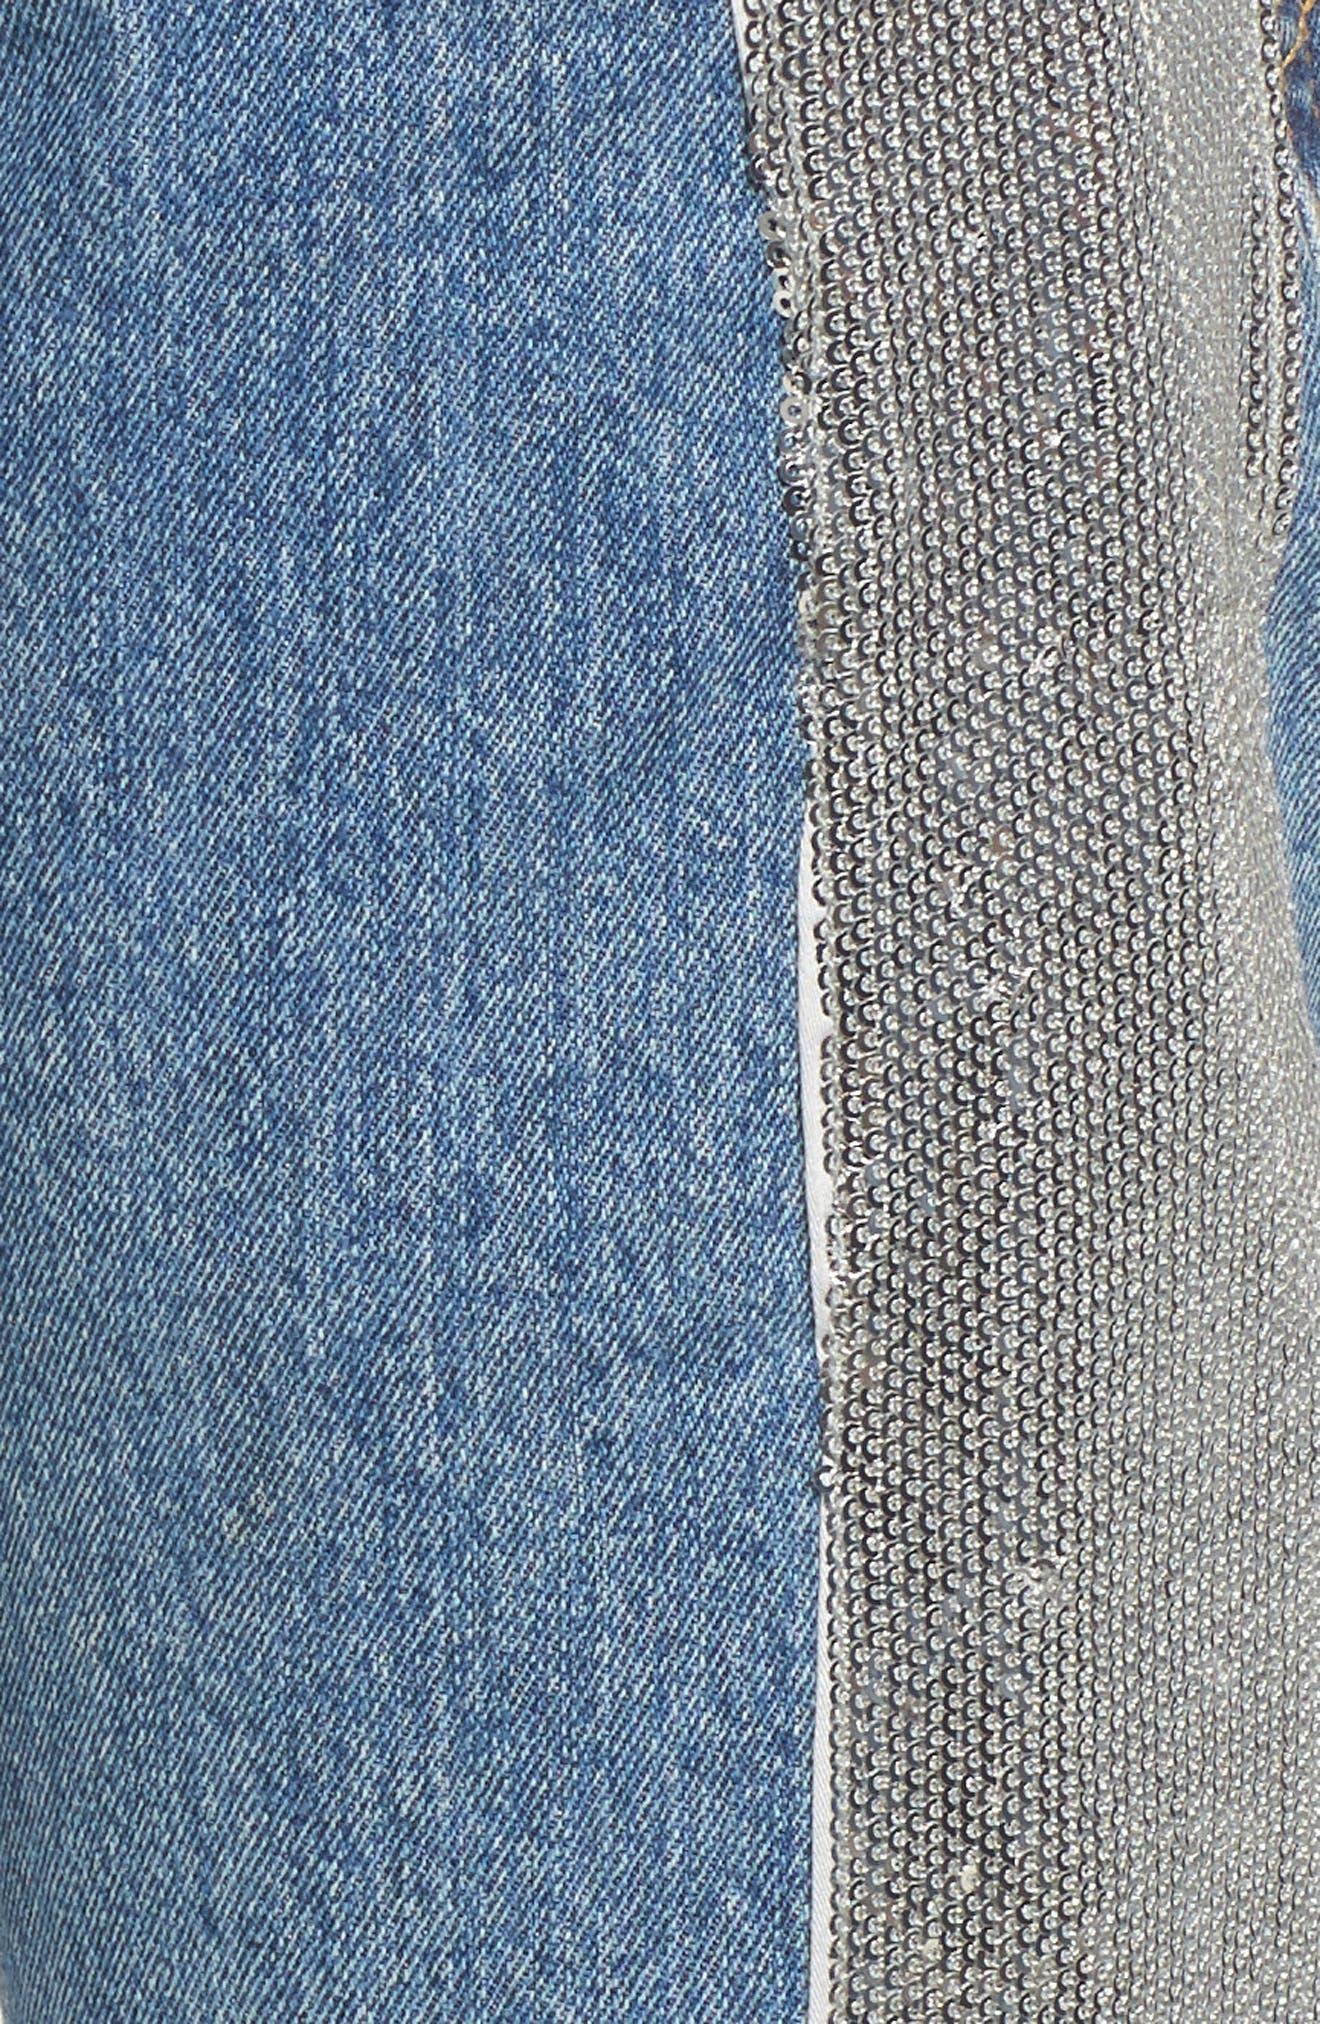 Sequin Boyfriend Jeans,                             Alternate thumbnail 6, color,                             Medium Wash/ Silver